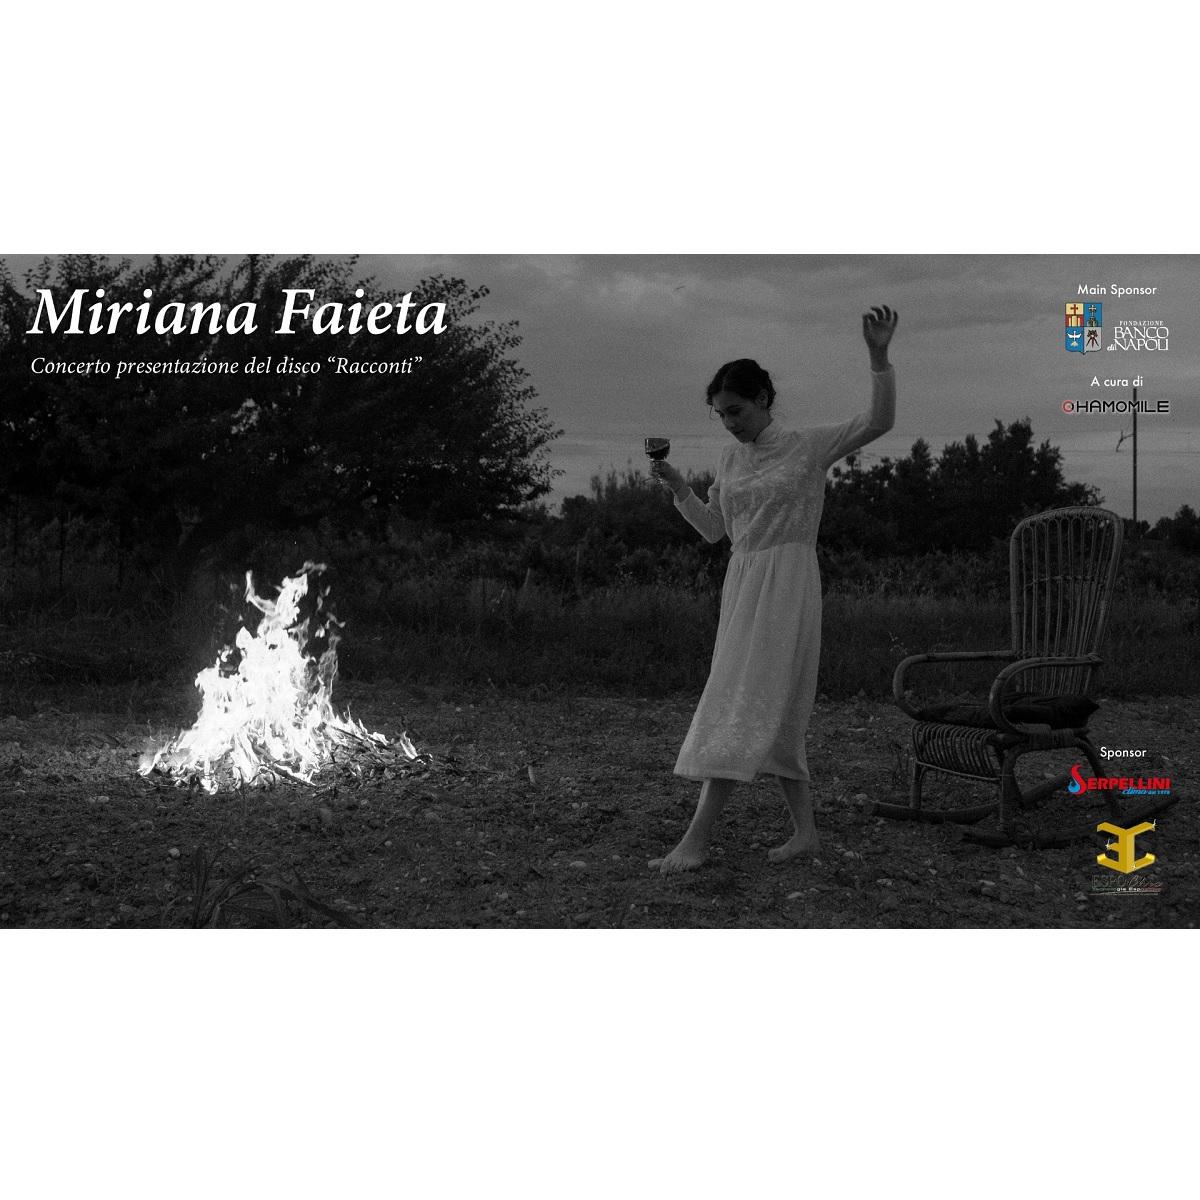 Presentazione dell'EP Racconti di Miriana Faieta a Chieti foto